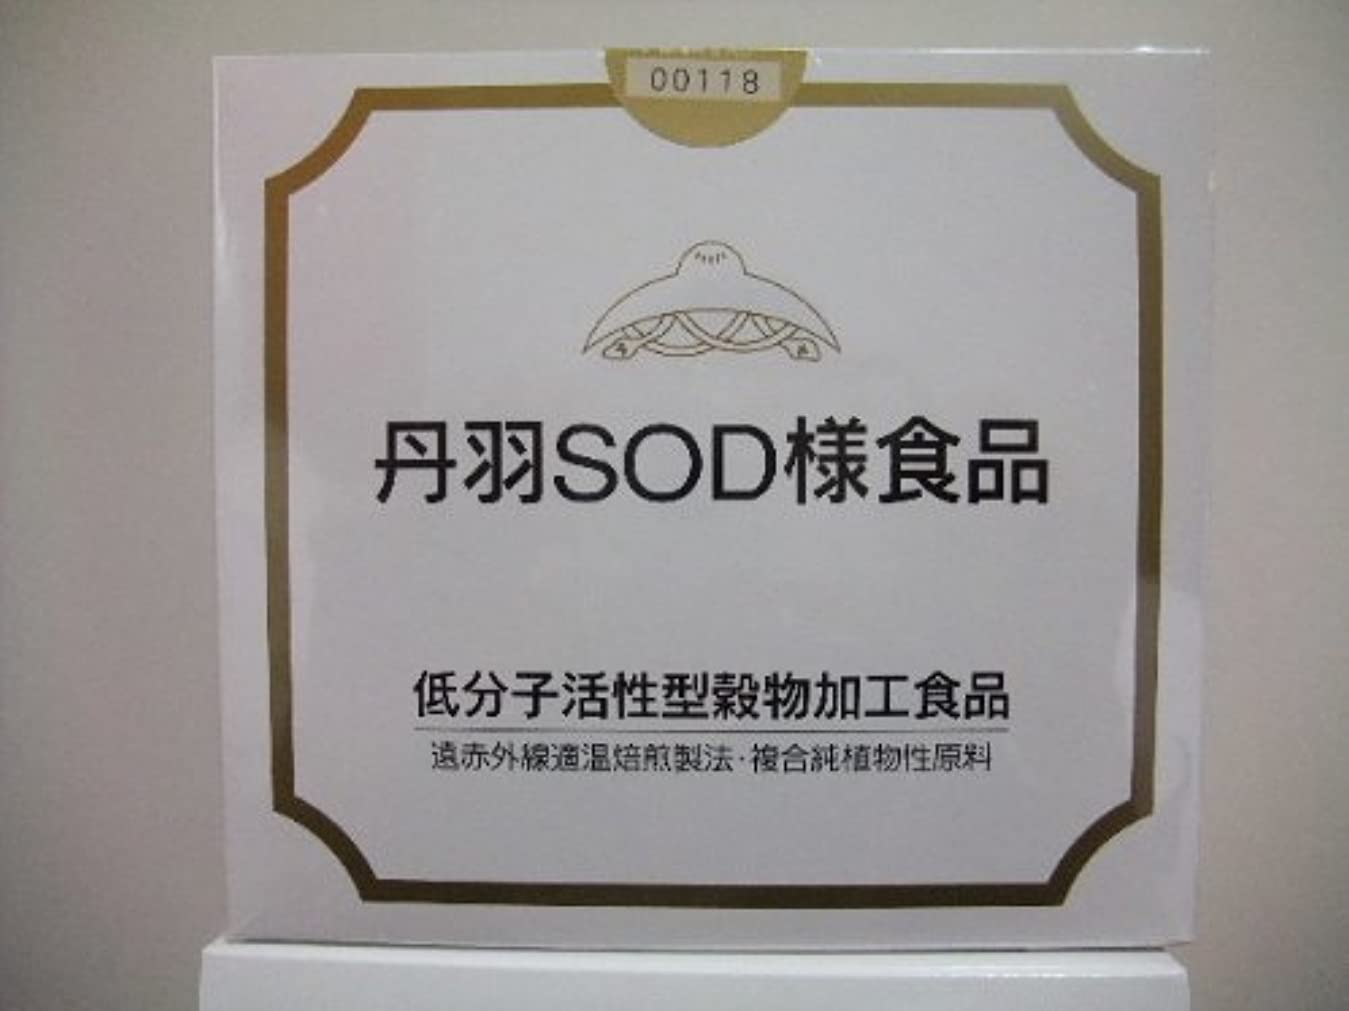 メニューニュージーランド人柄丹羽SOD様食品(3g×60包×4箱)製造1ヶ月以内の商品を発送!